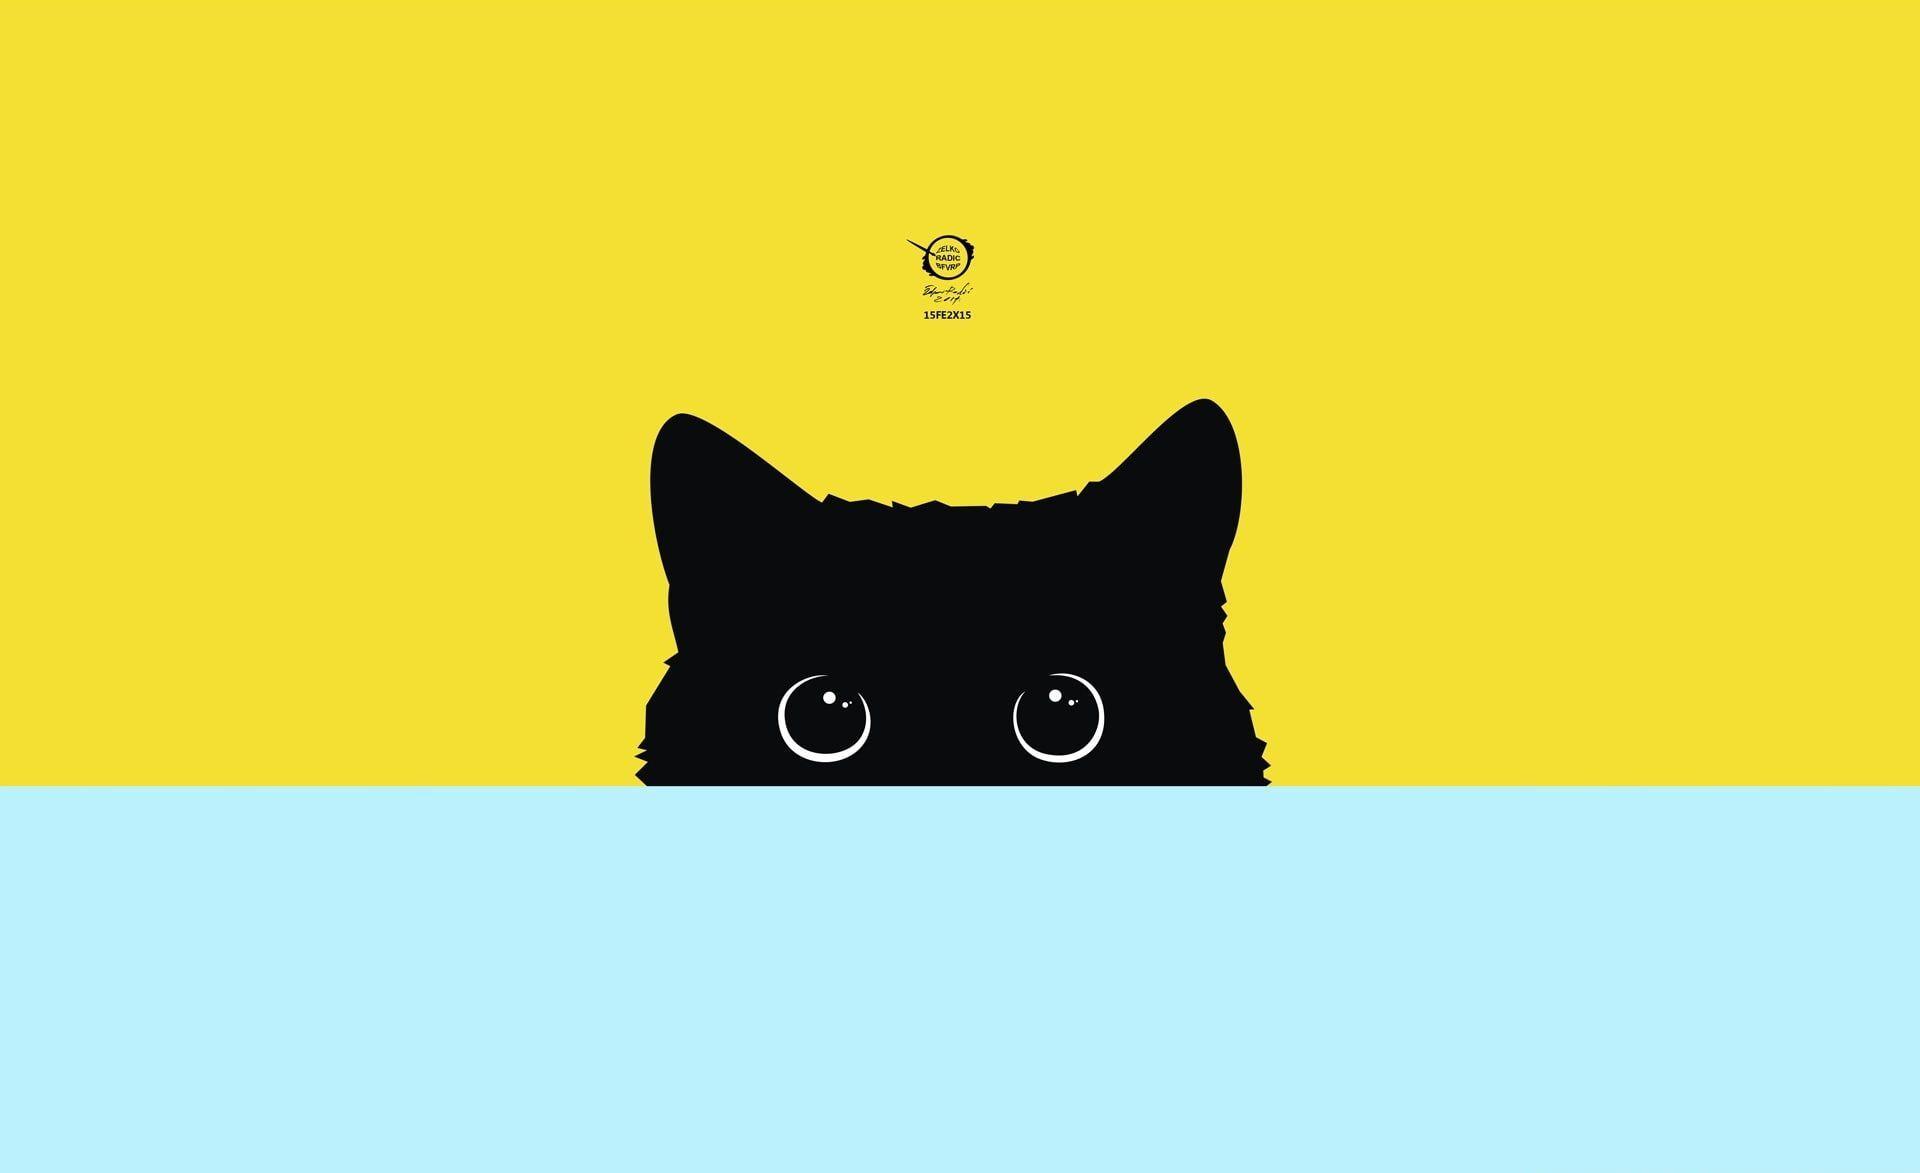 Cat Wallpaper Desktop Cat Wallpaper En 2020 Black Cat Wallpaper Fondos De Pantalla Android Fondos De Escritorio